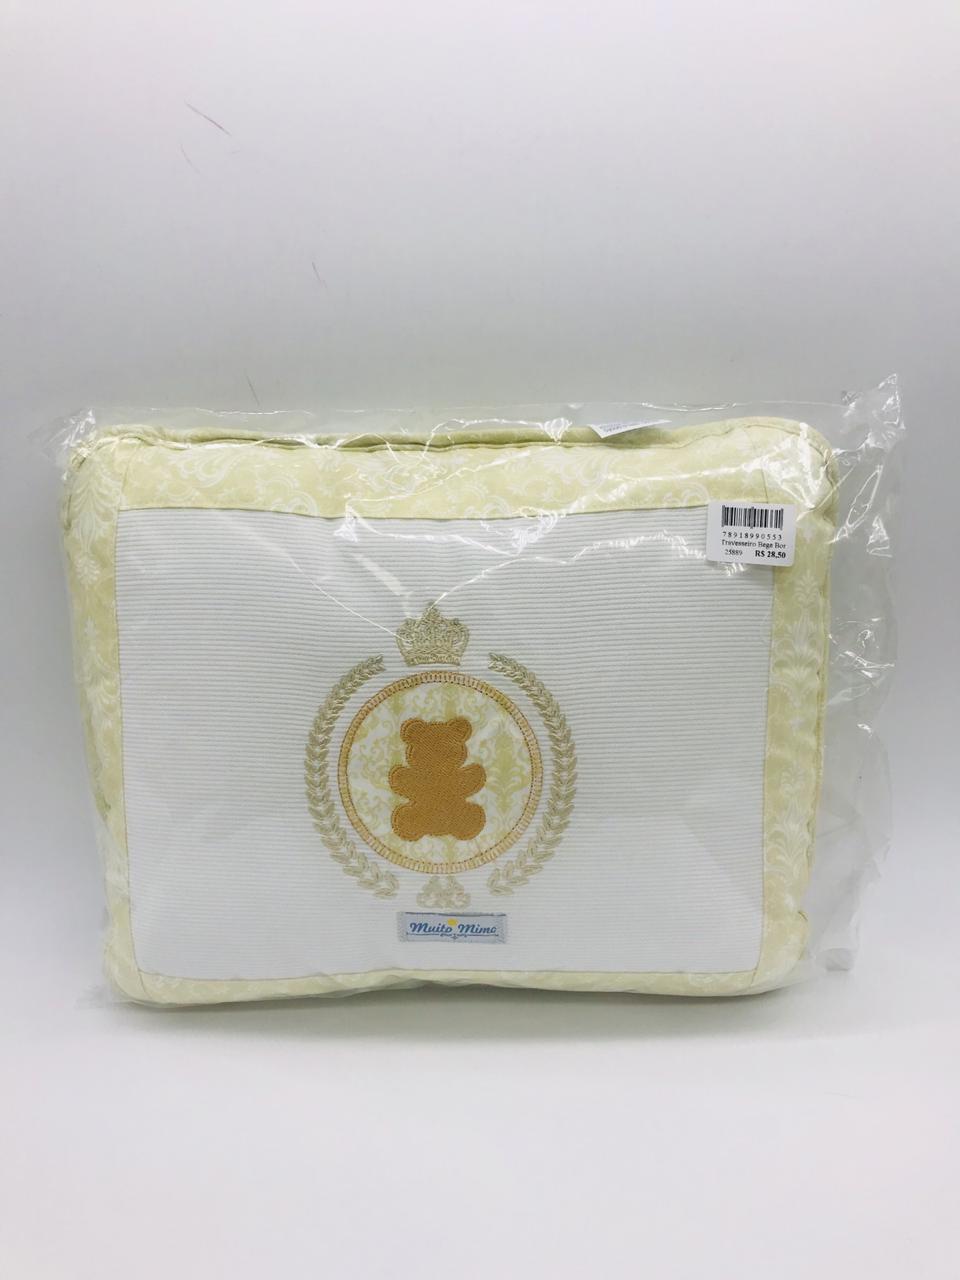 Travesseiro Ursinho Triangulo Bege g 28x35 - Minasrey Ref 5533